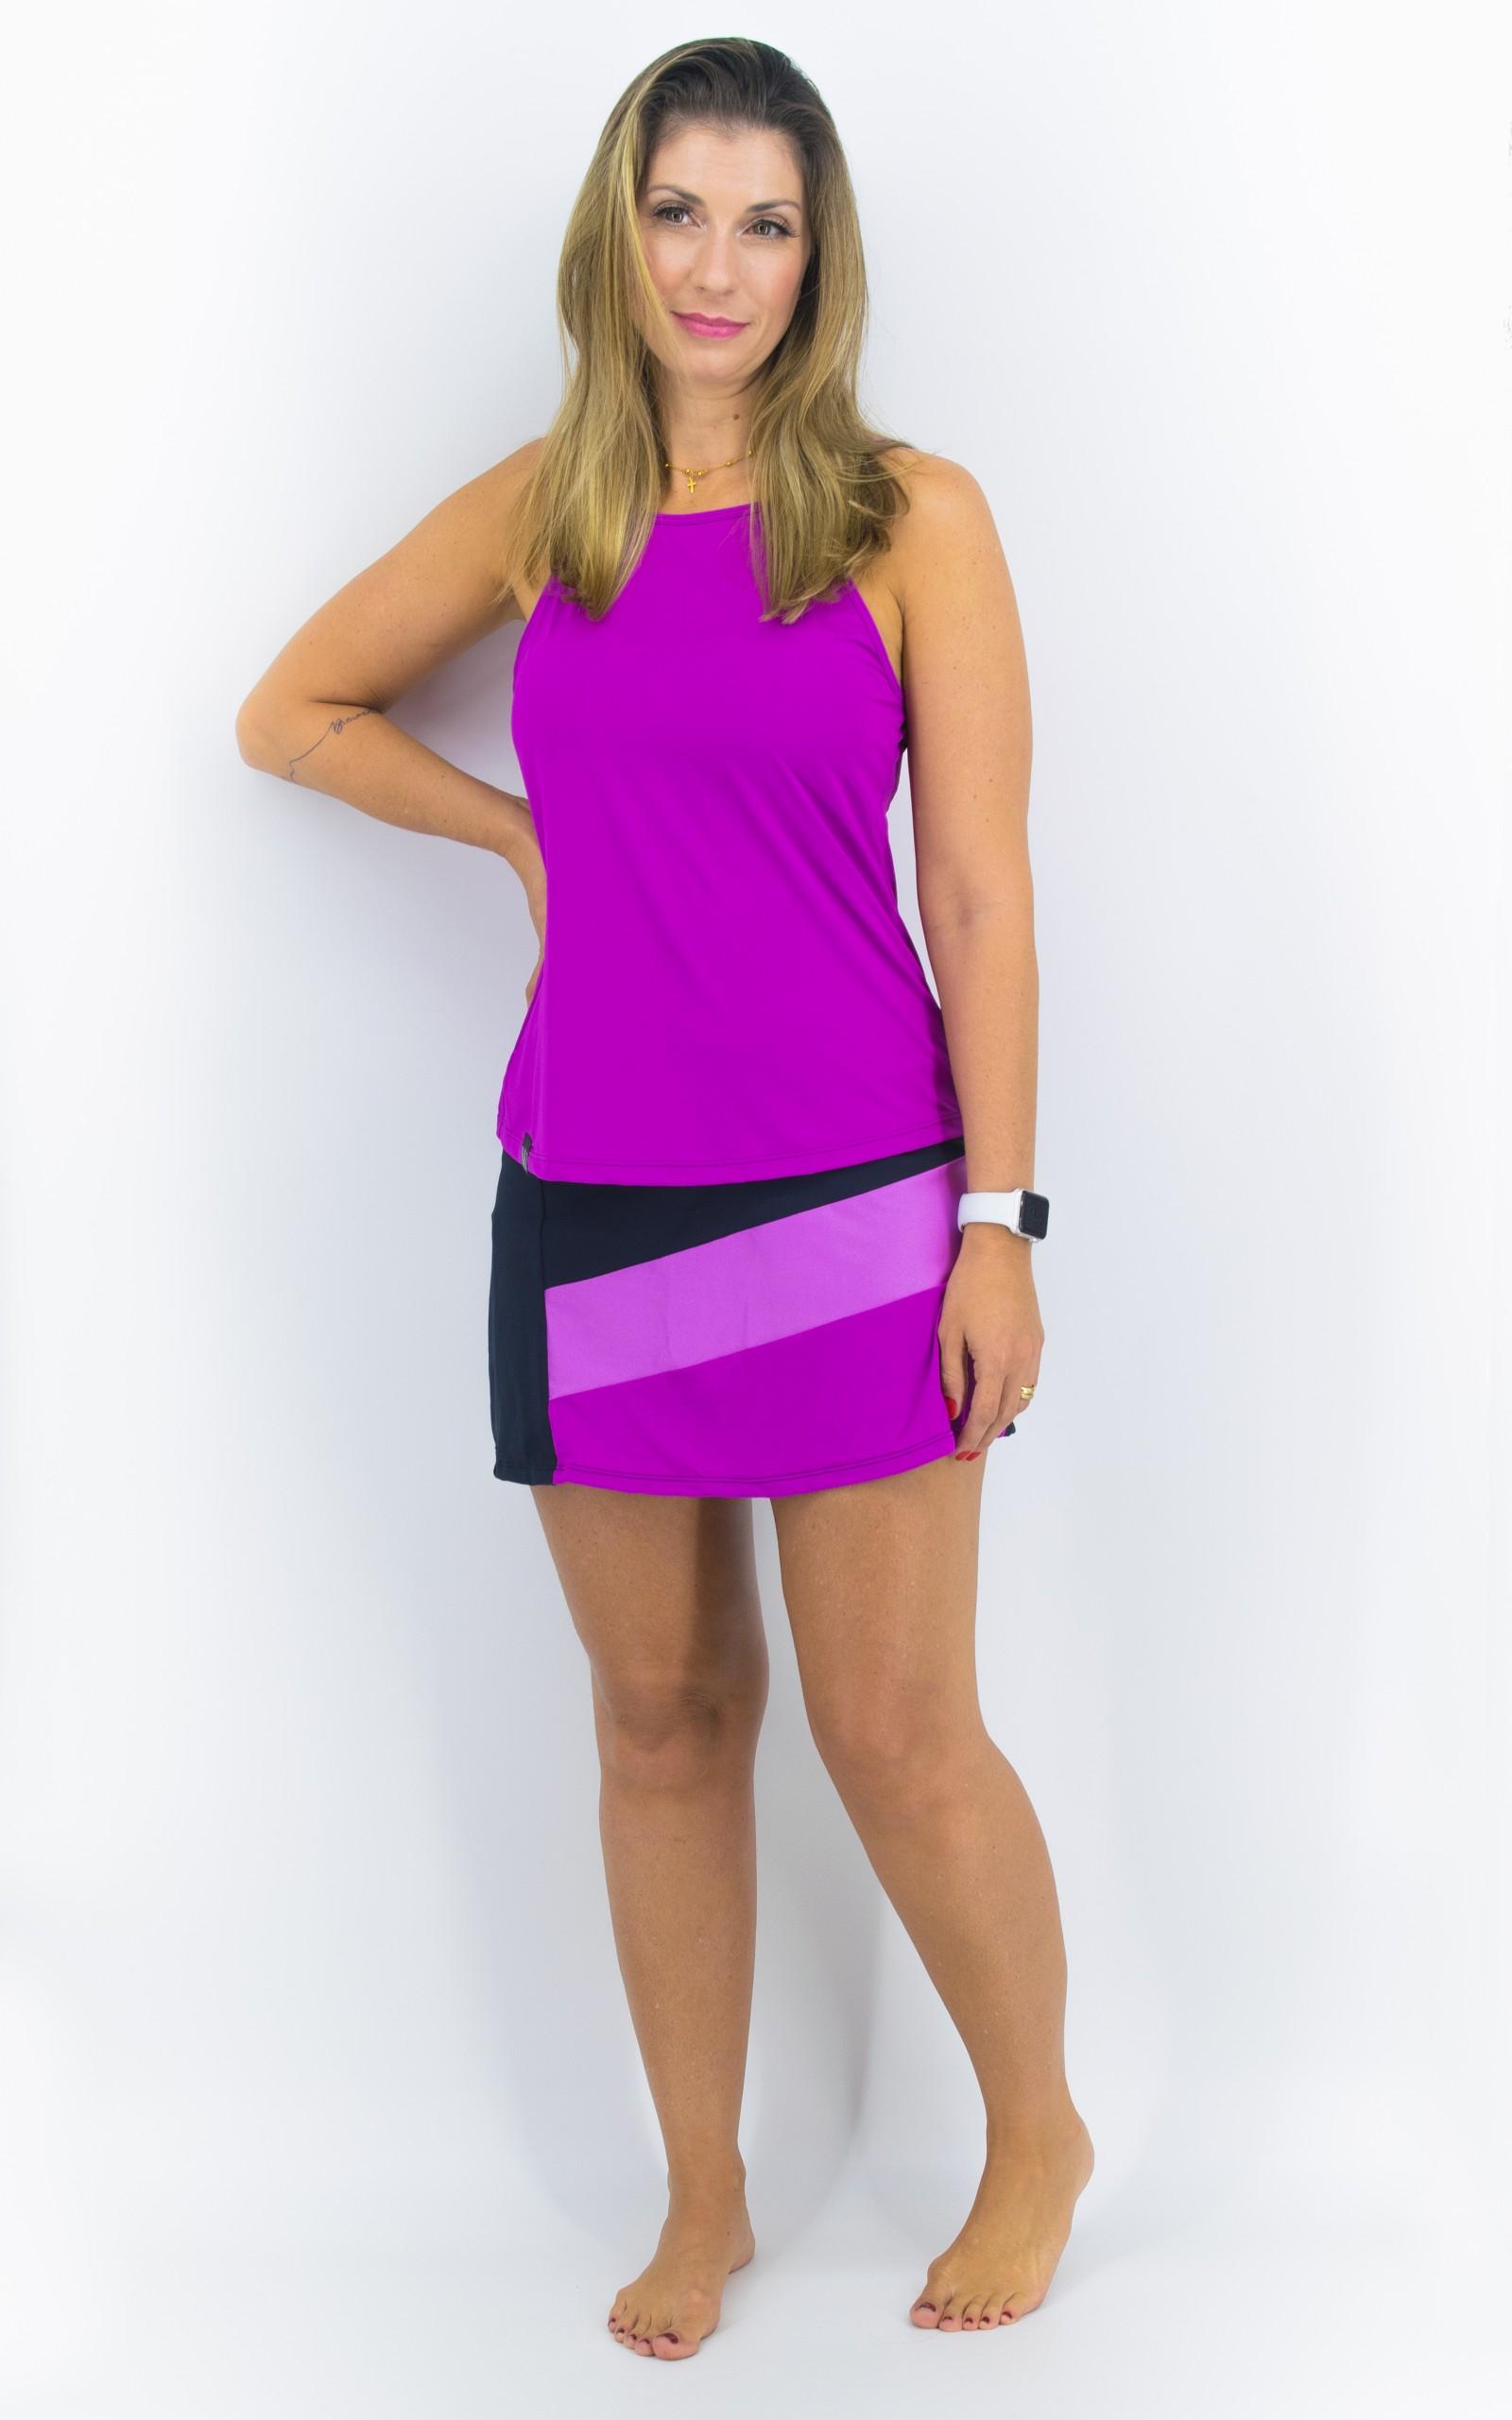 Saia Shorts Spring Fúcsia, Coleção YOURSELF - NKT Fitwear Moda Fitness